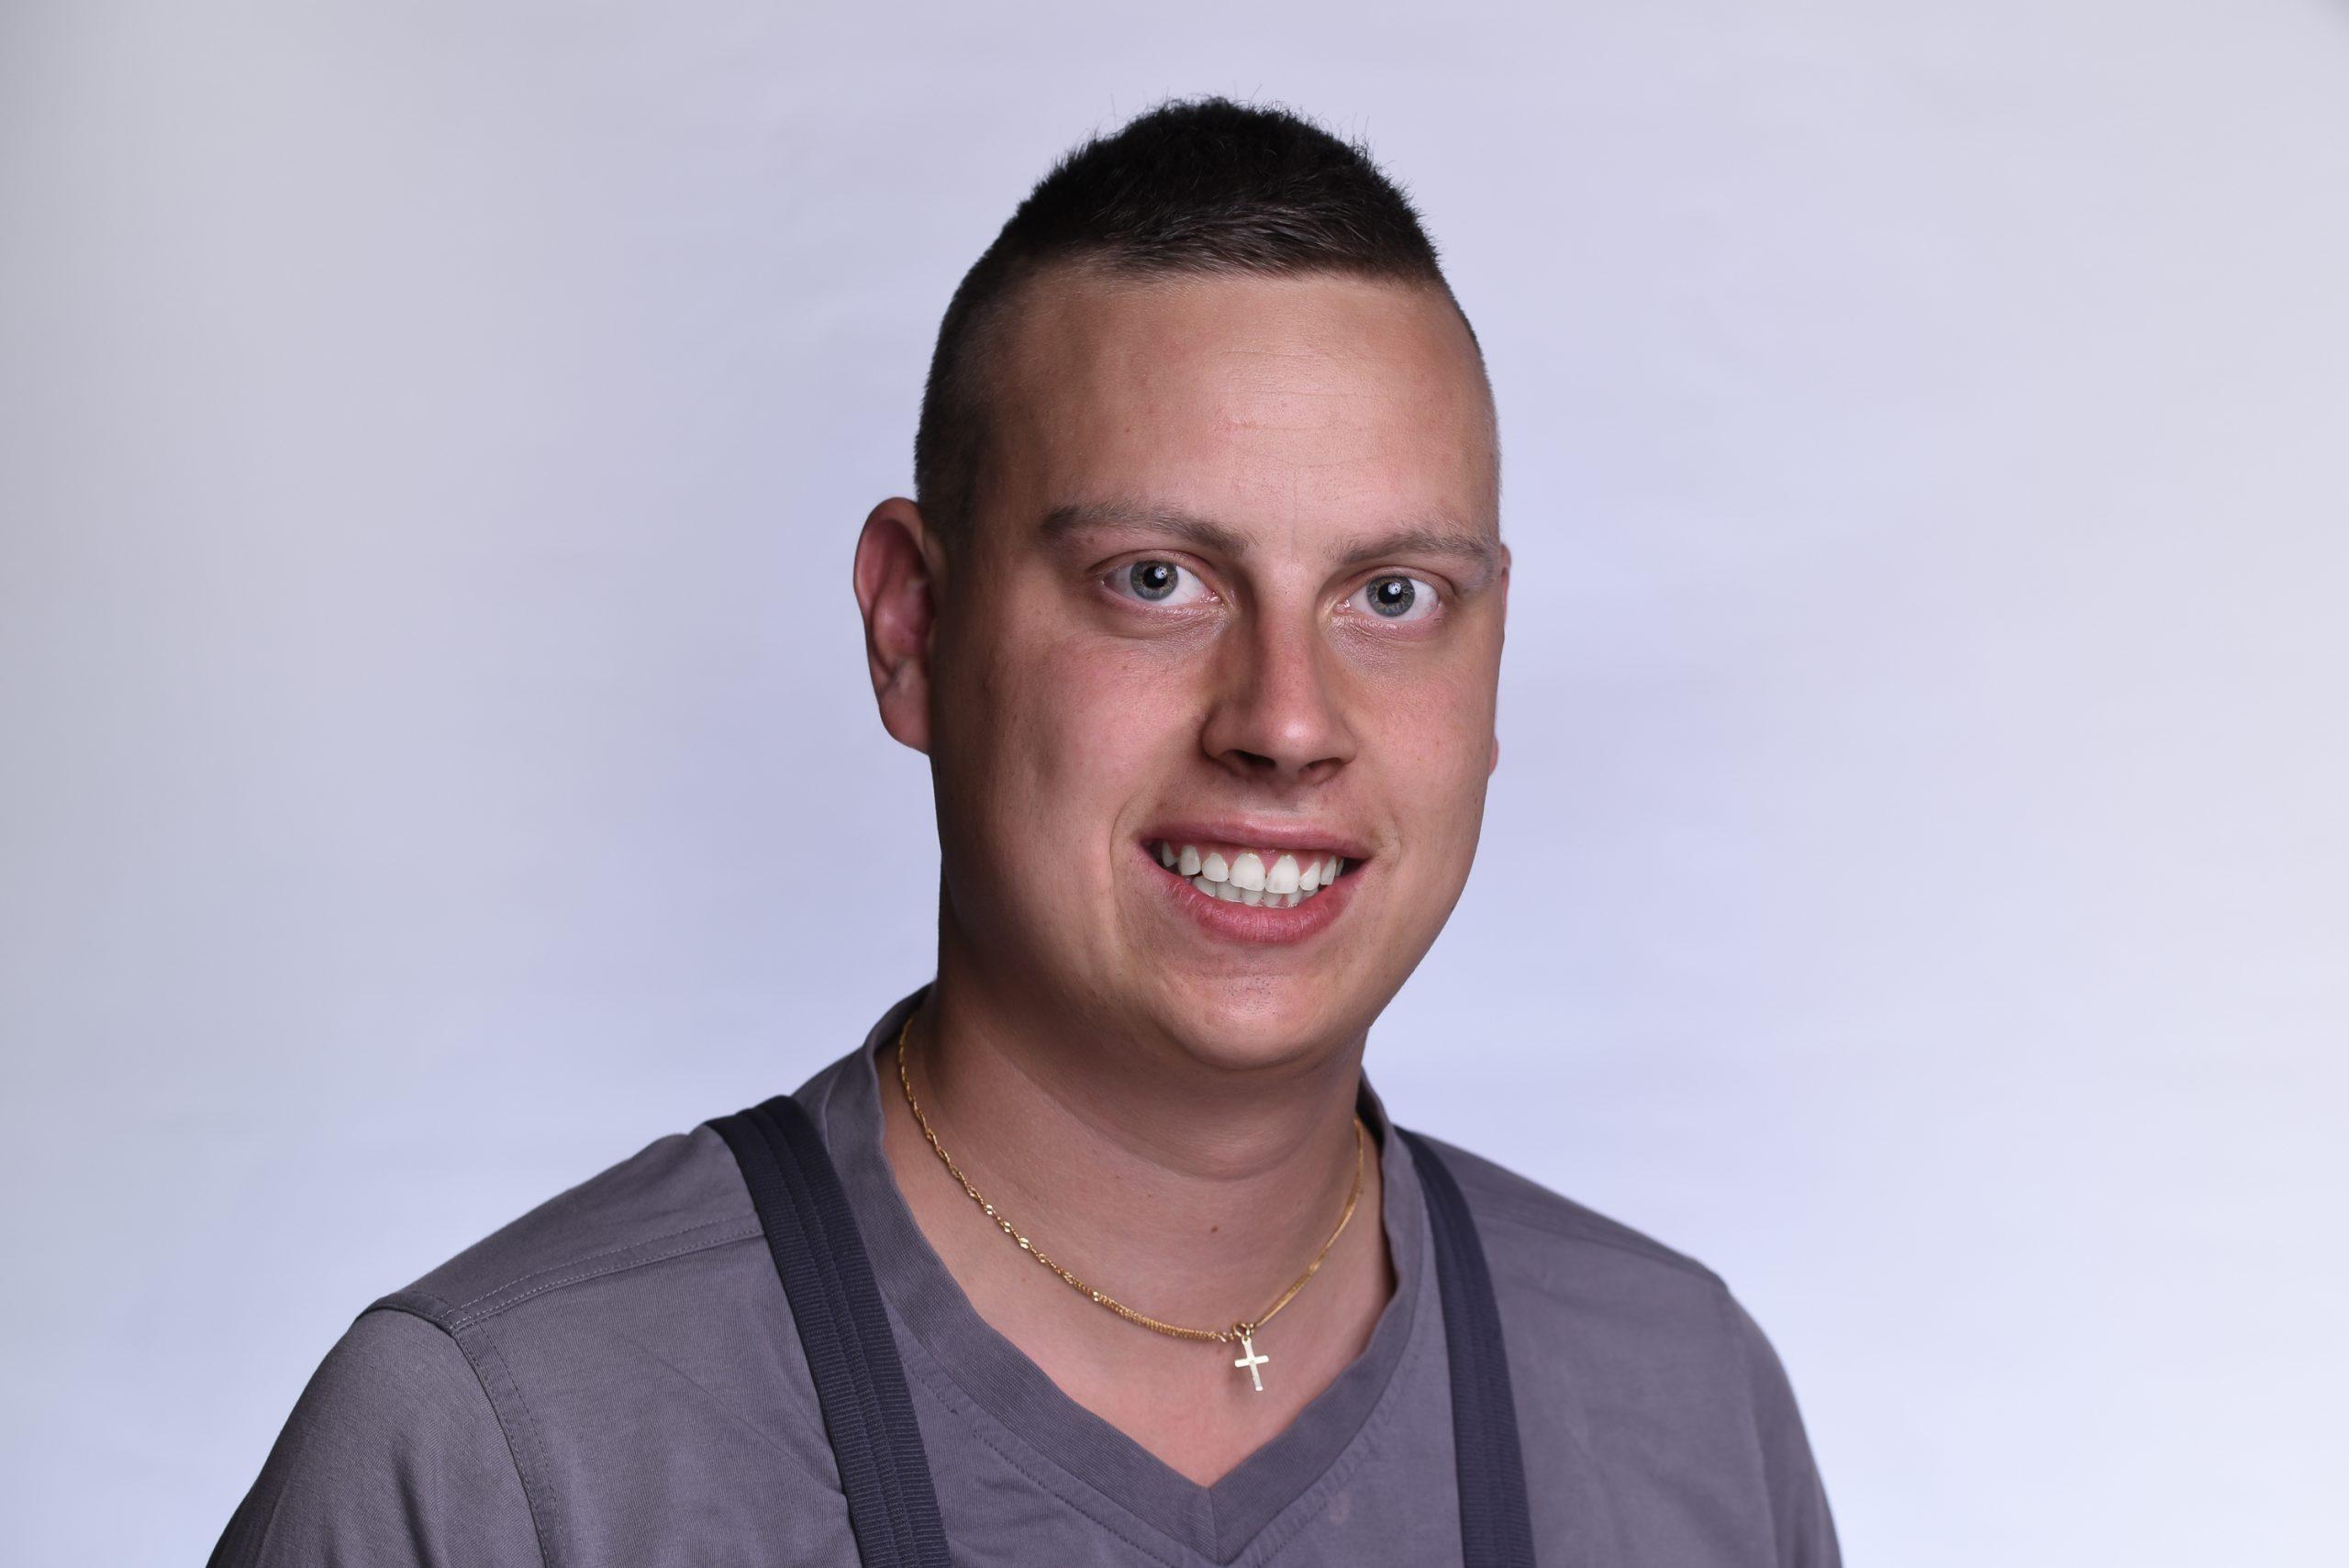 Lucas Glahn